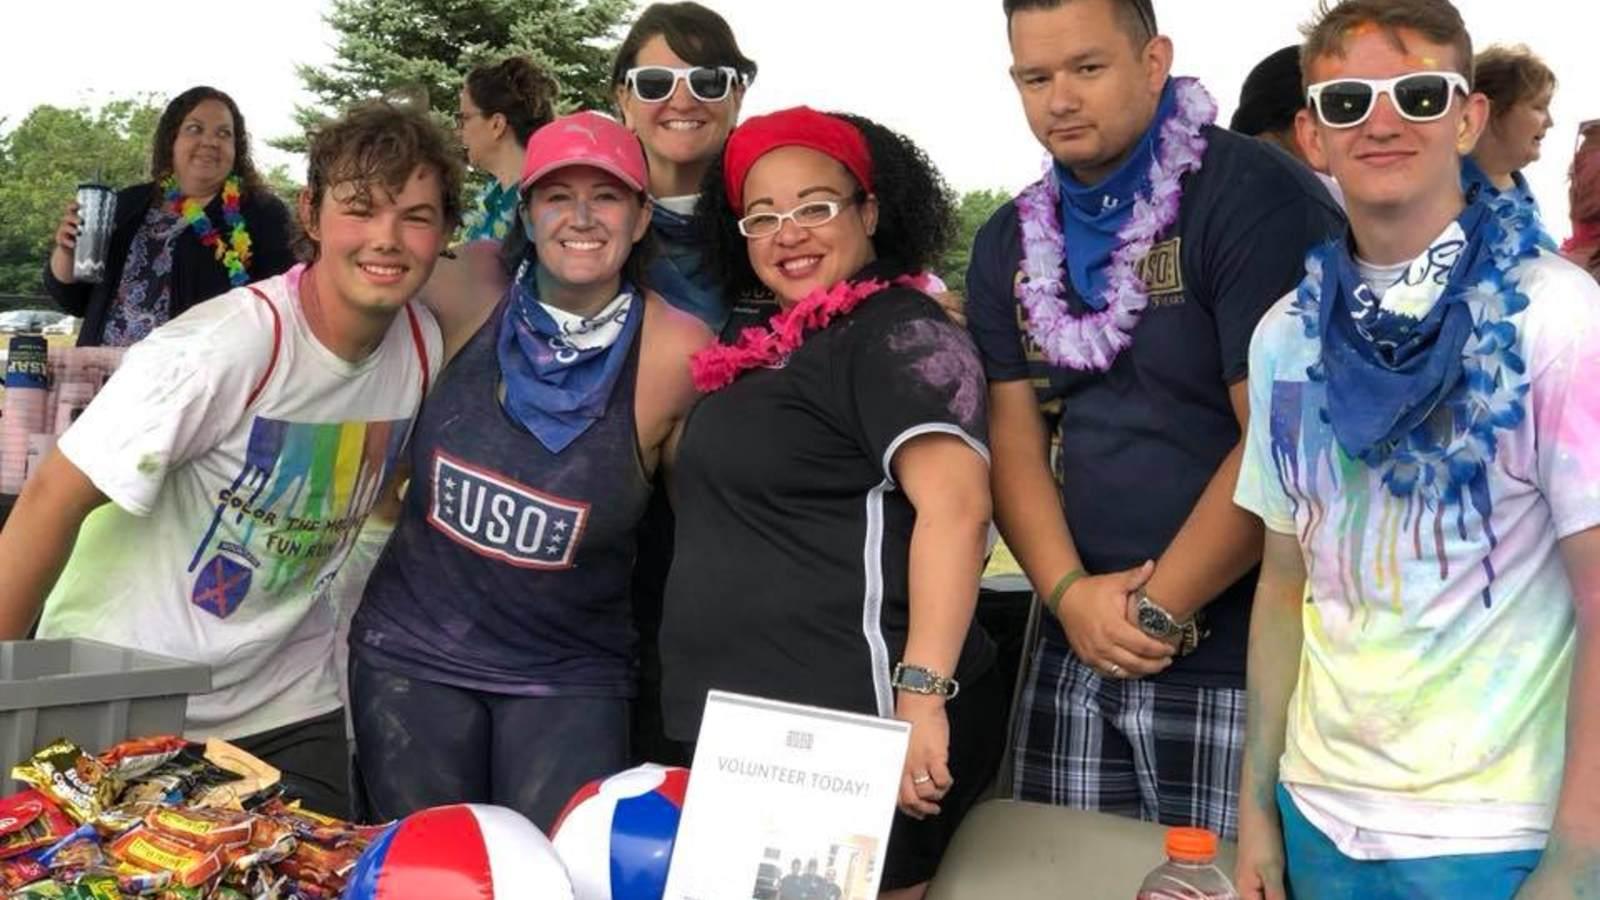 Volunteer • USO Fort Drum